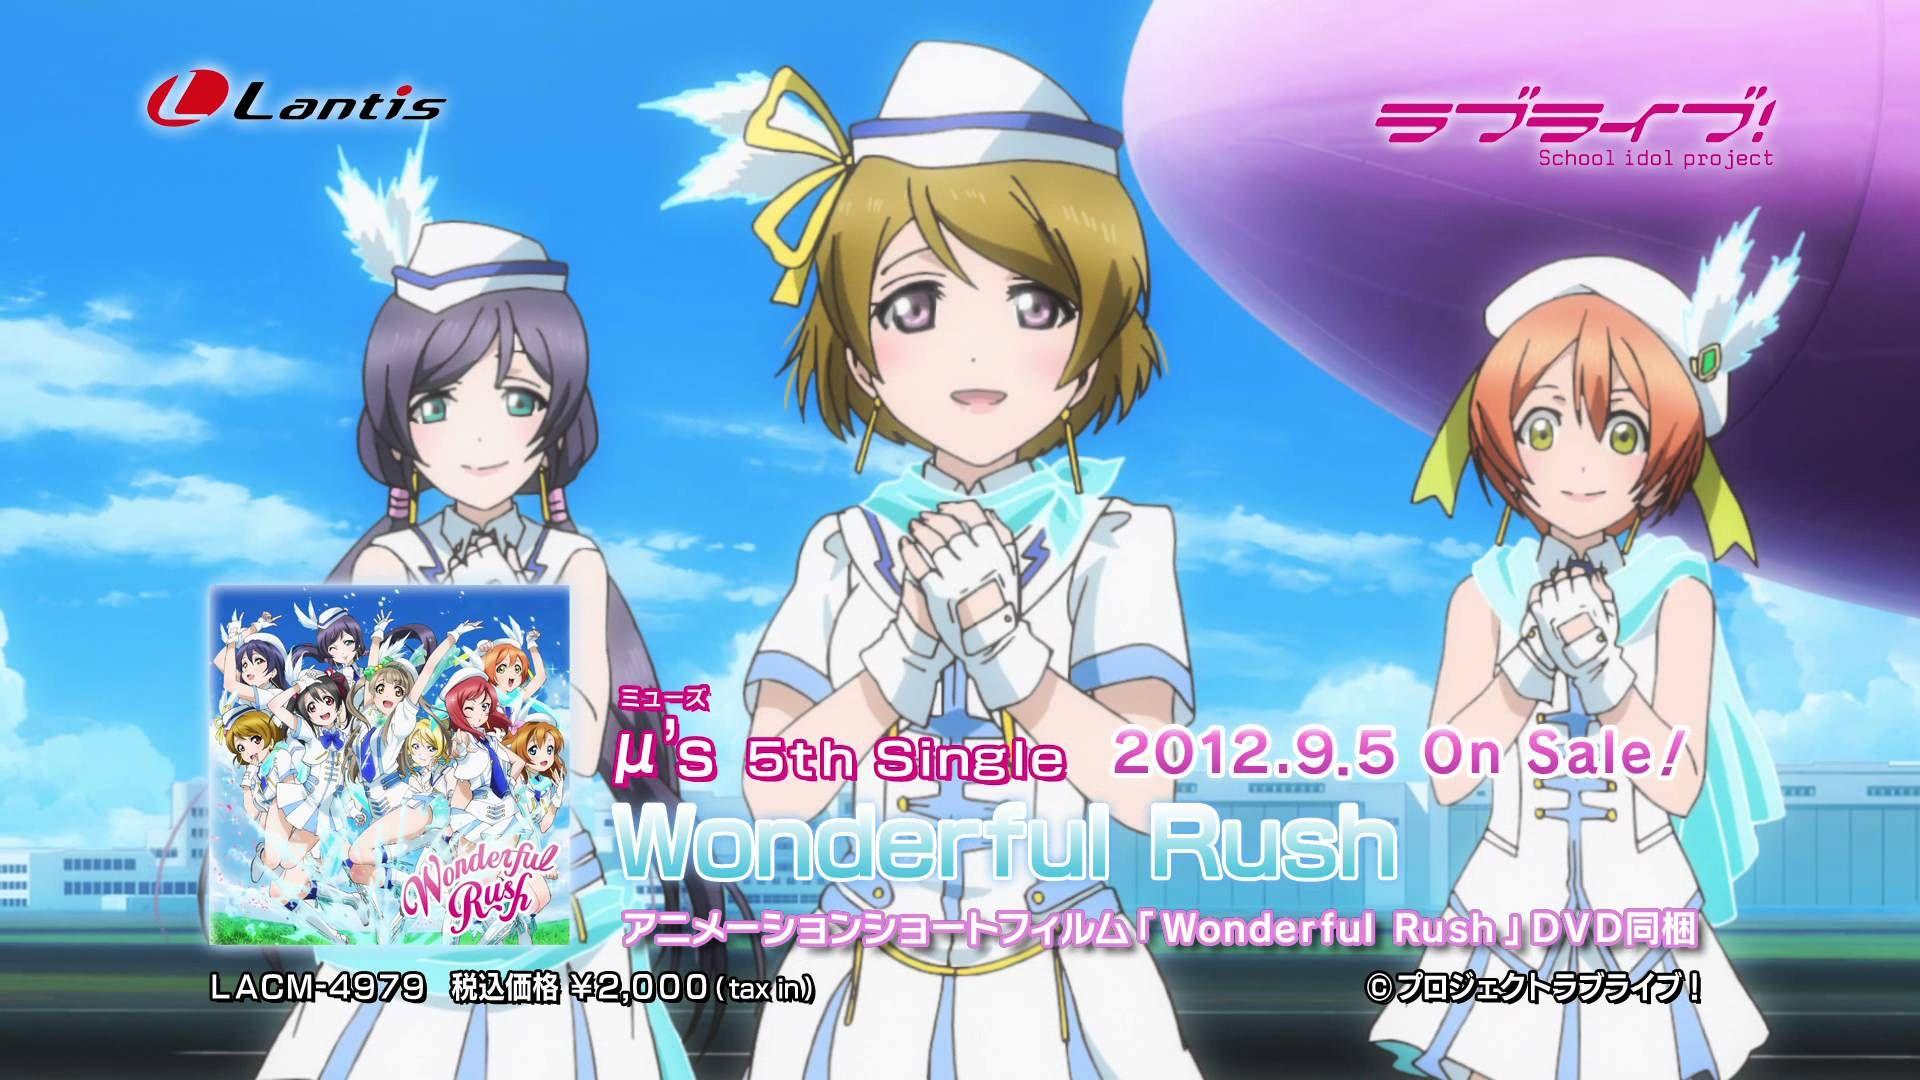 【ラブライブ!】μ's 5thシングル「Wonderful Rush」ショートサイズPV